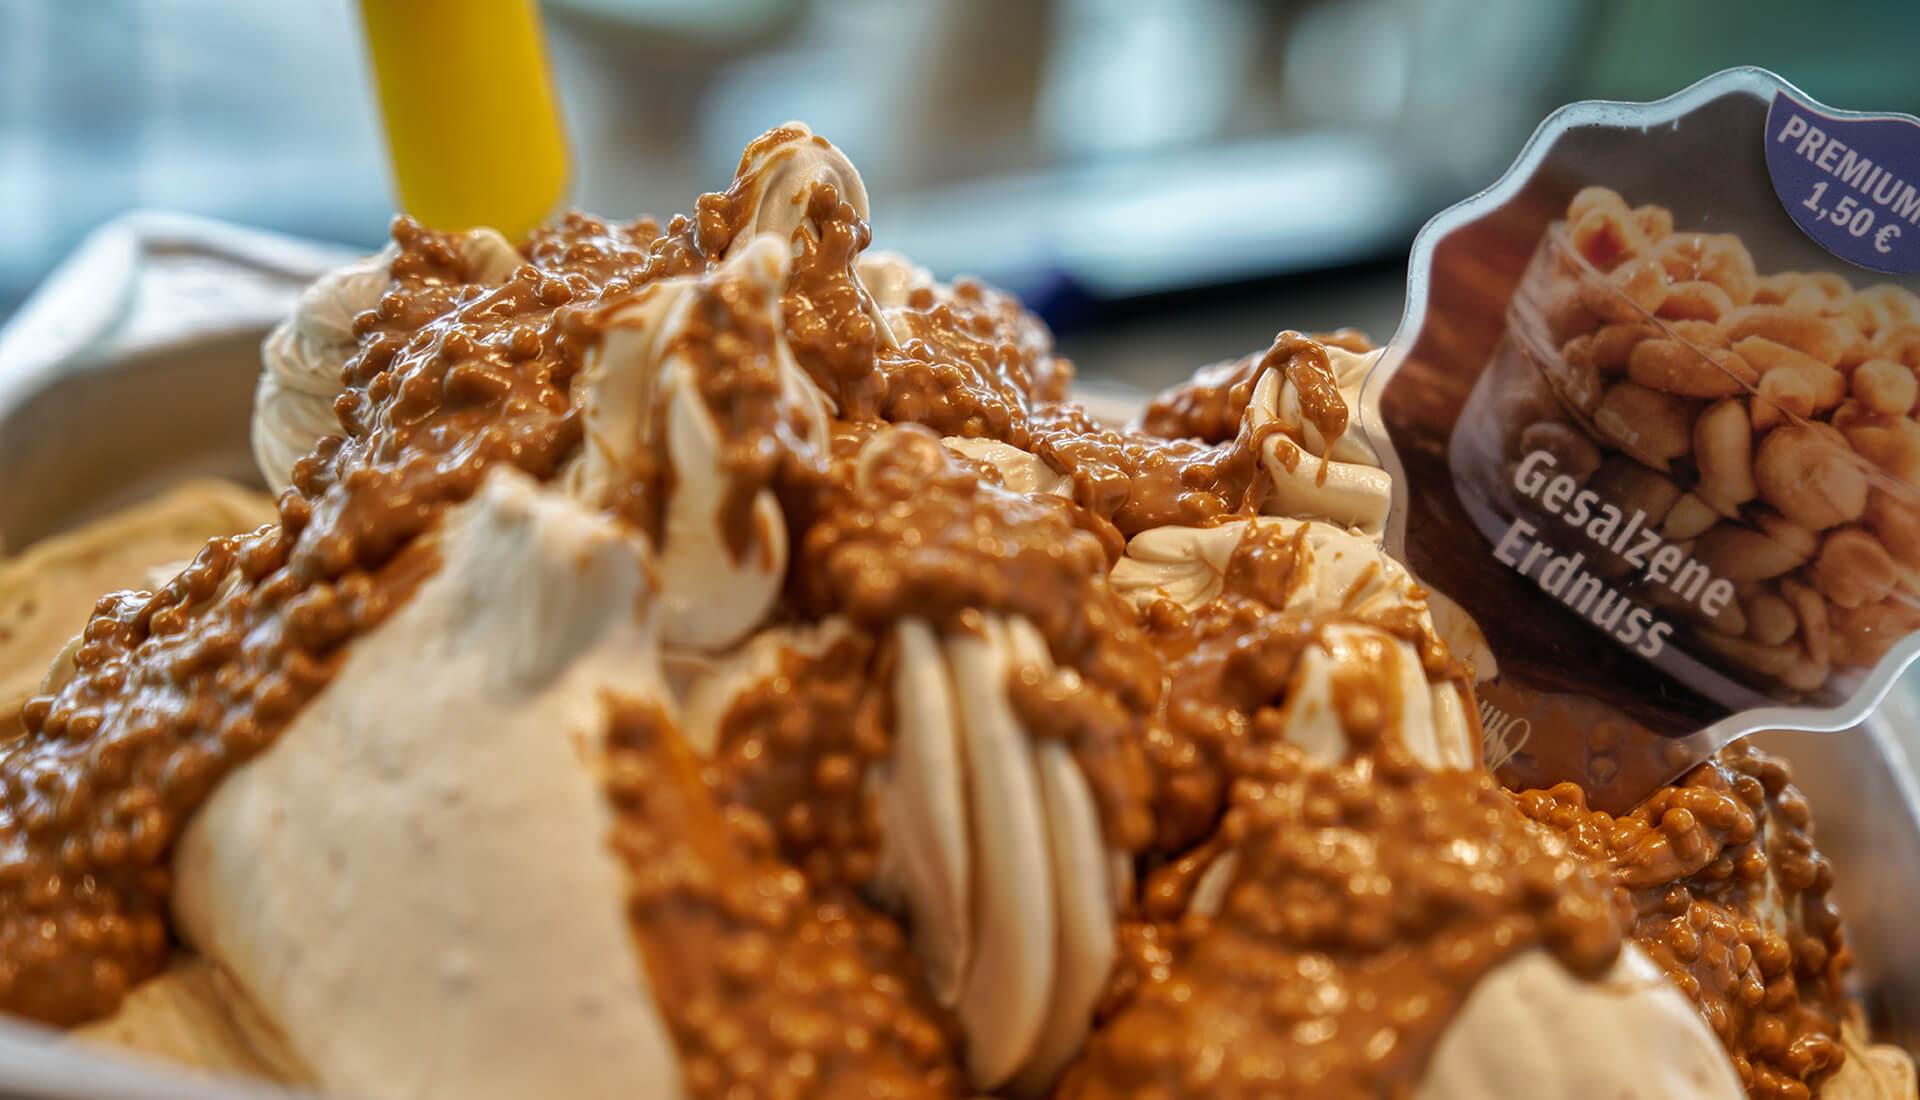 Salzige Erdnuss - ein beliebtes Highlight in unserer Eistheke